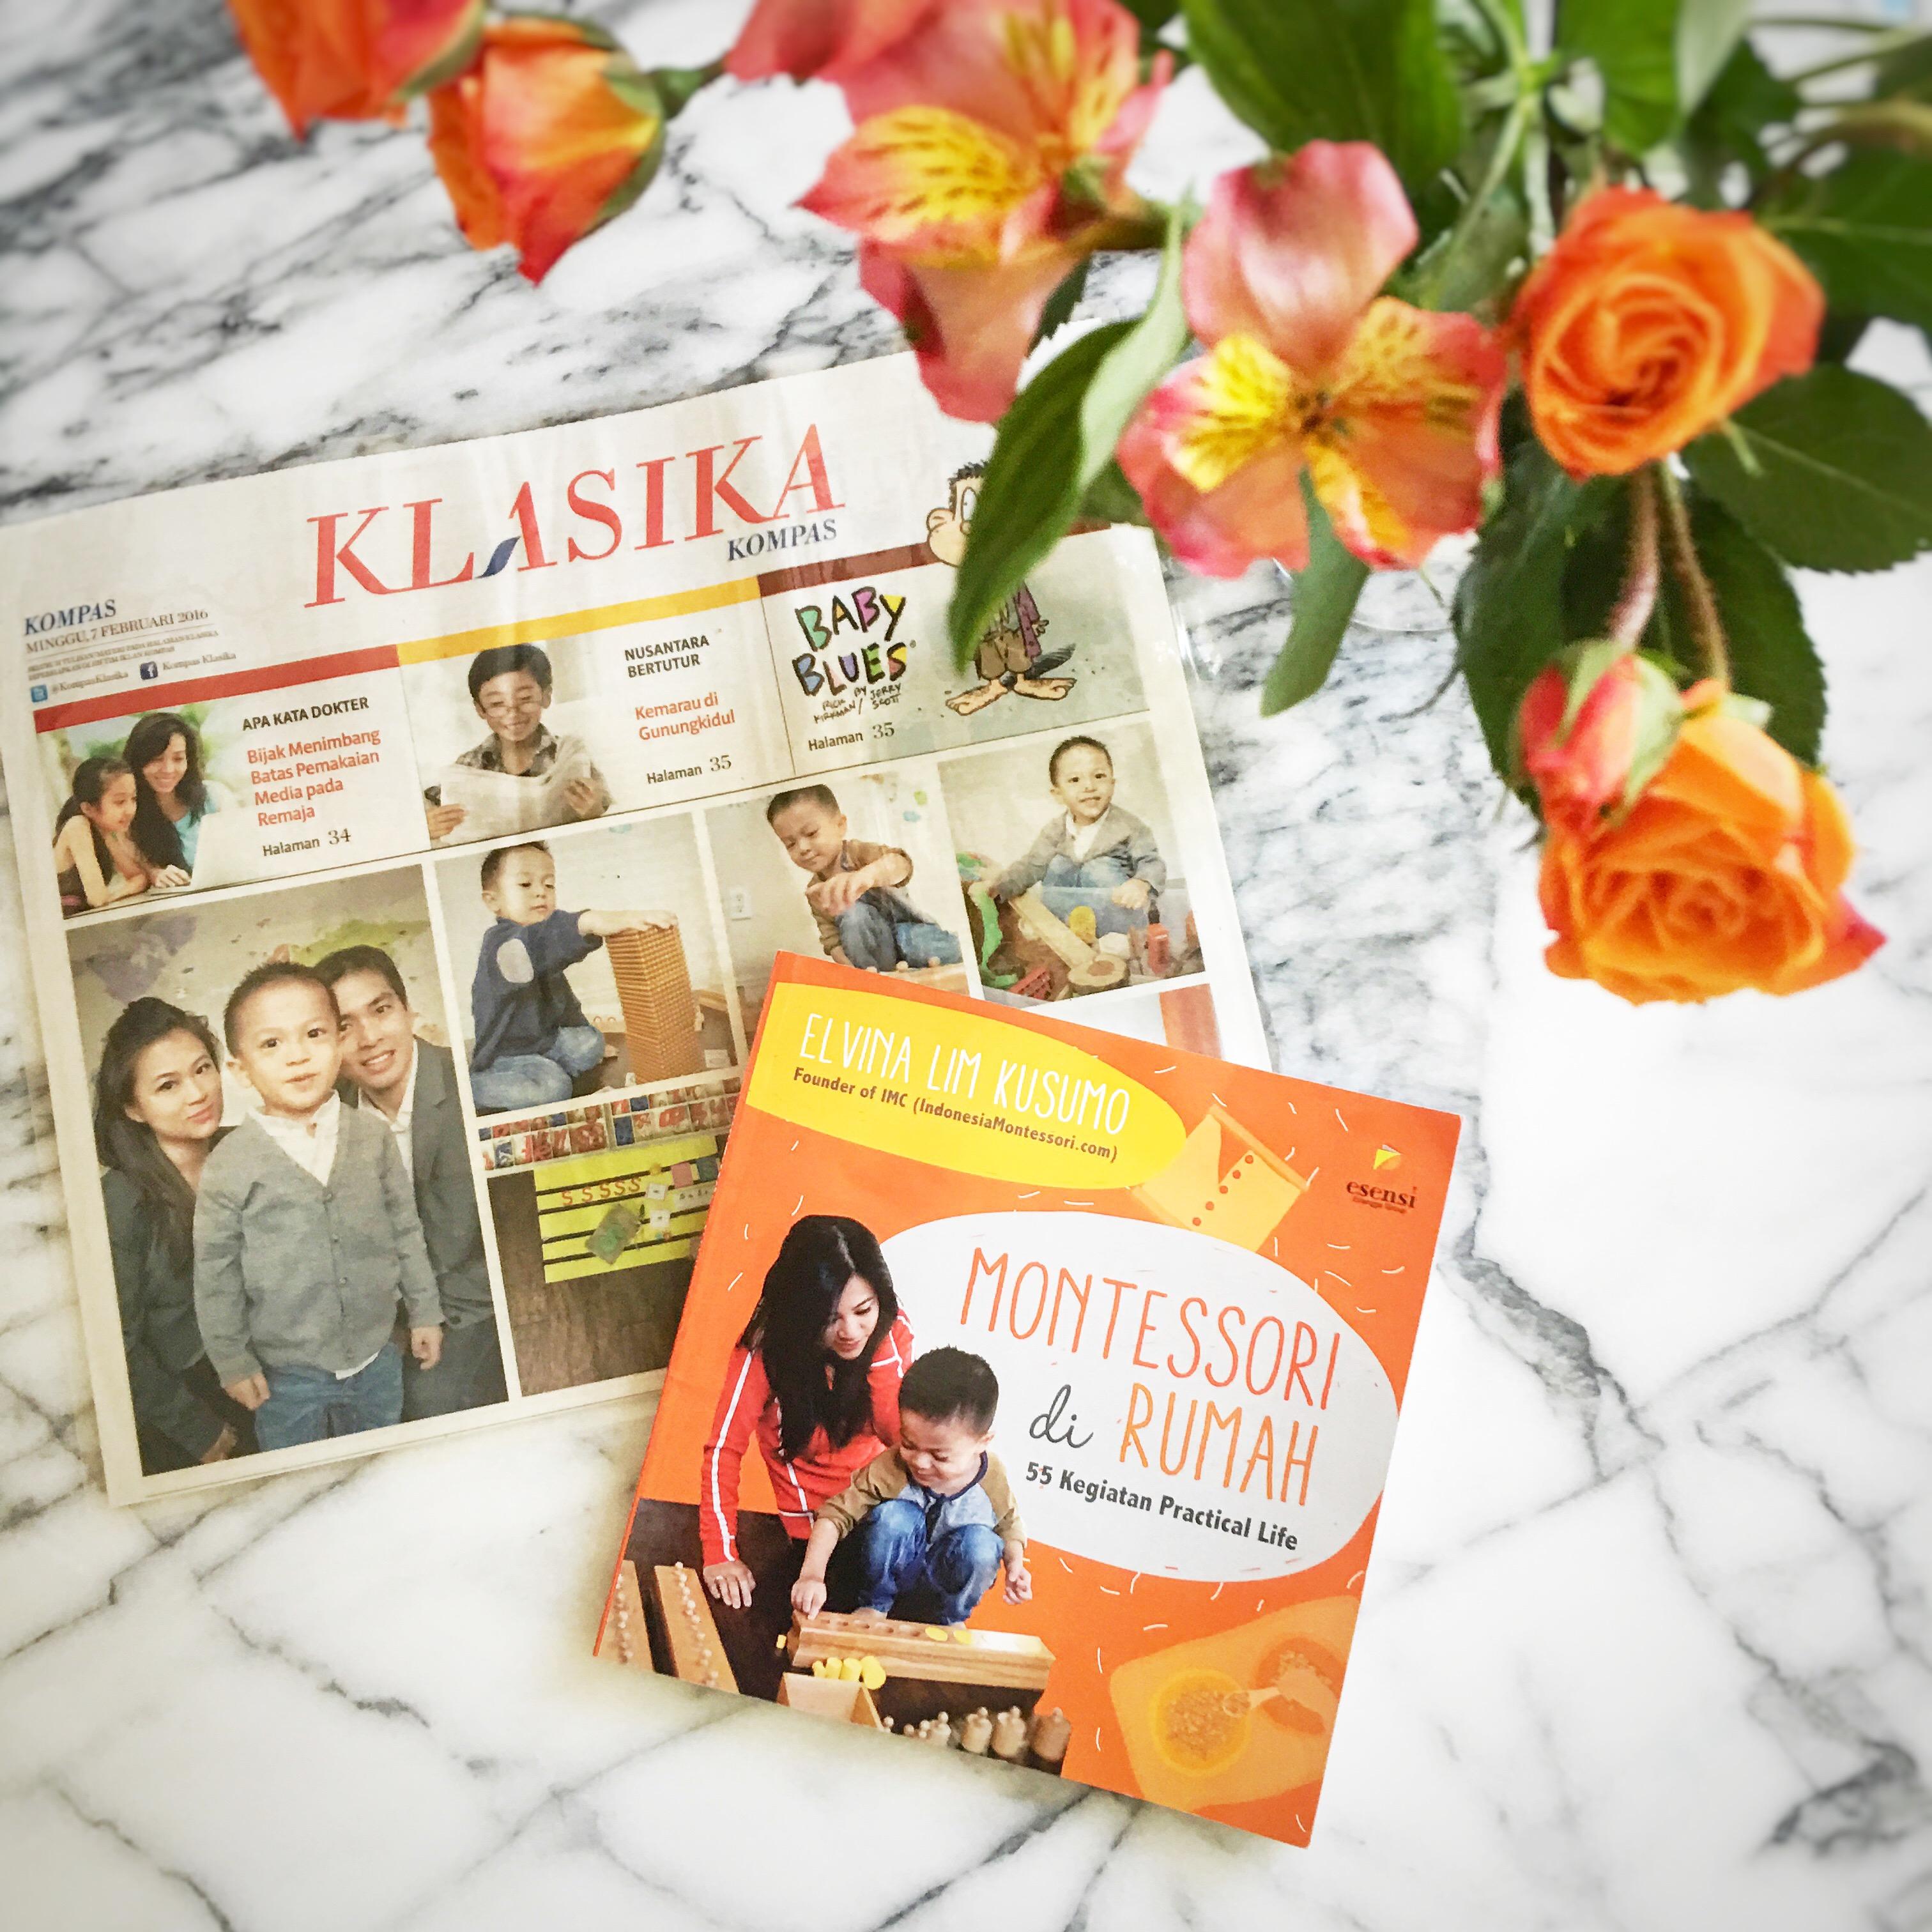 launching buku montessori di rumah elvina lim kusumo